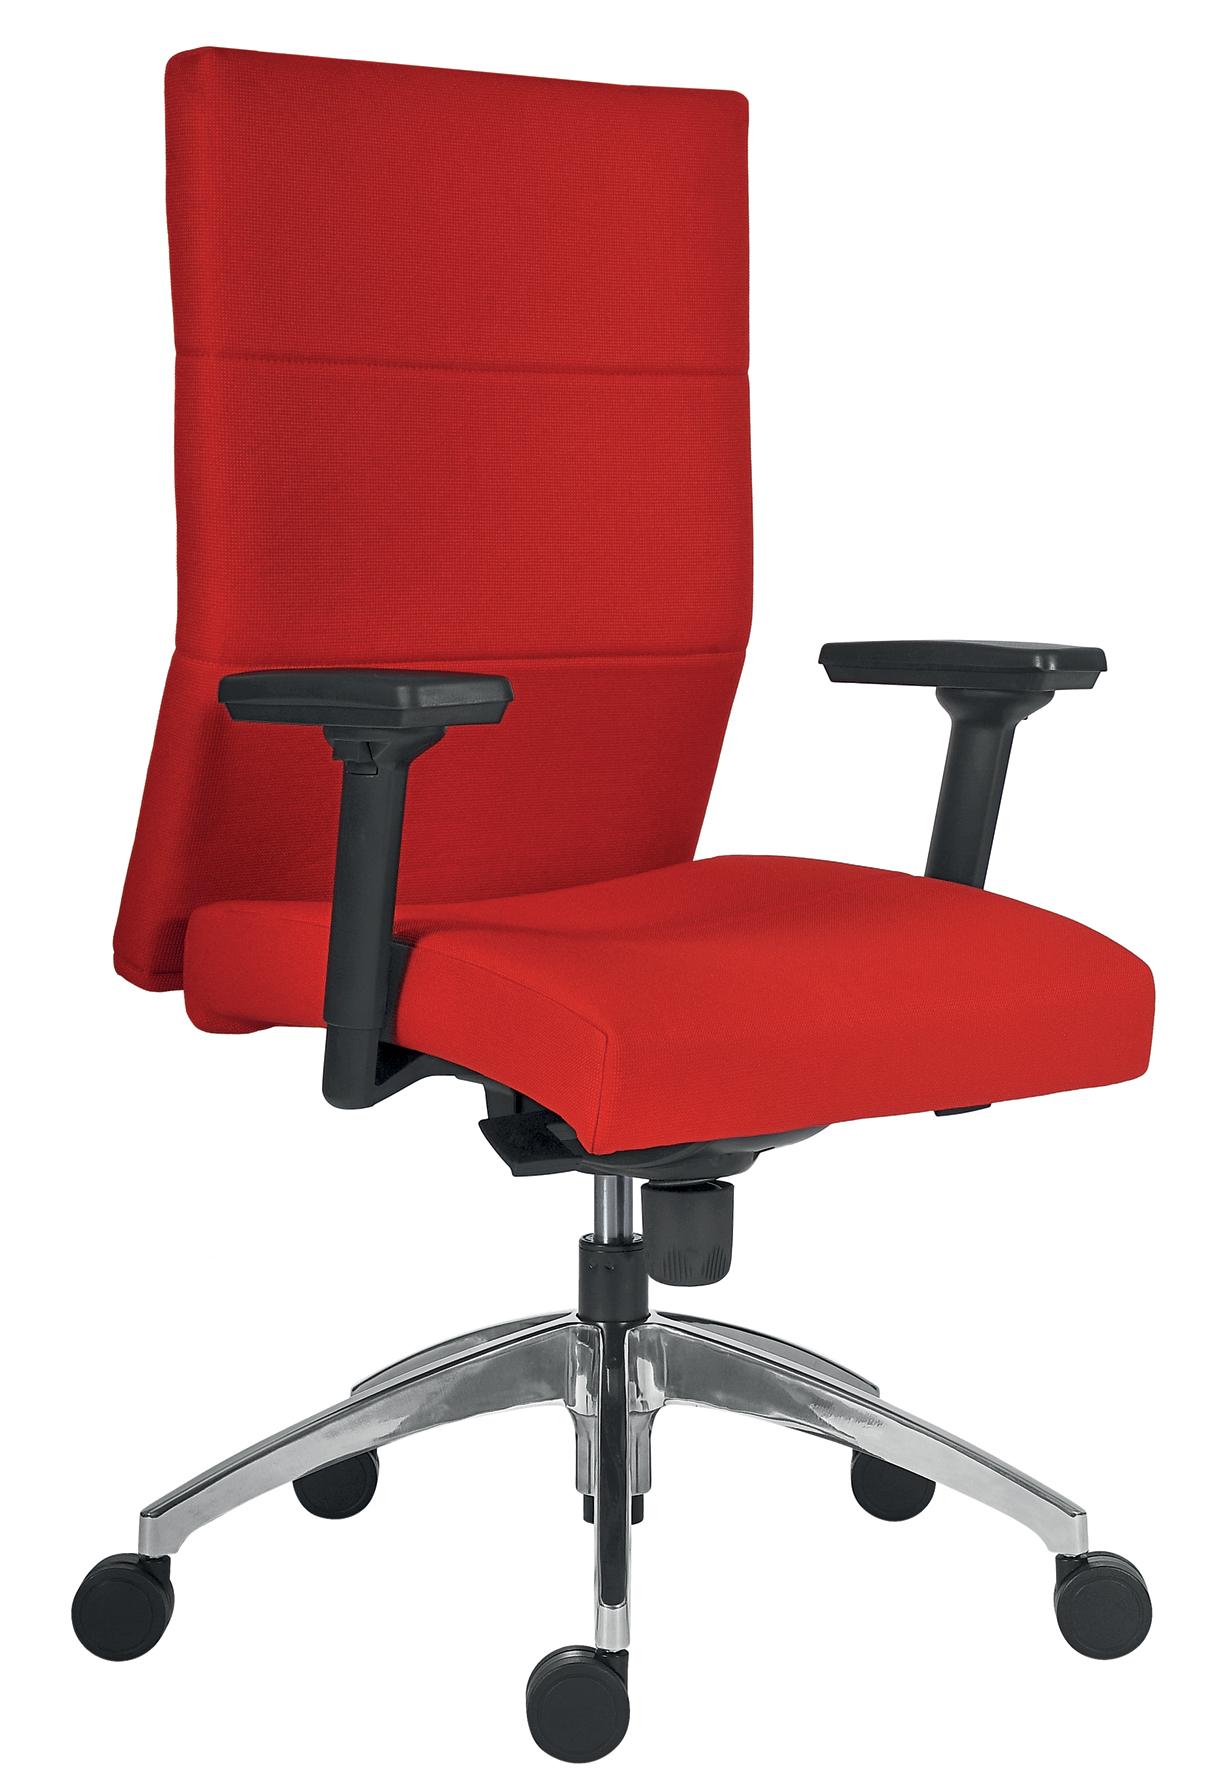 Kancelářské židle Antares - Kancelářské křeslo 8150 Vertika